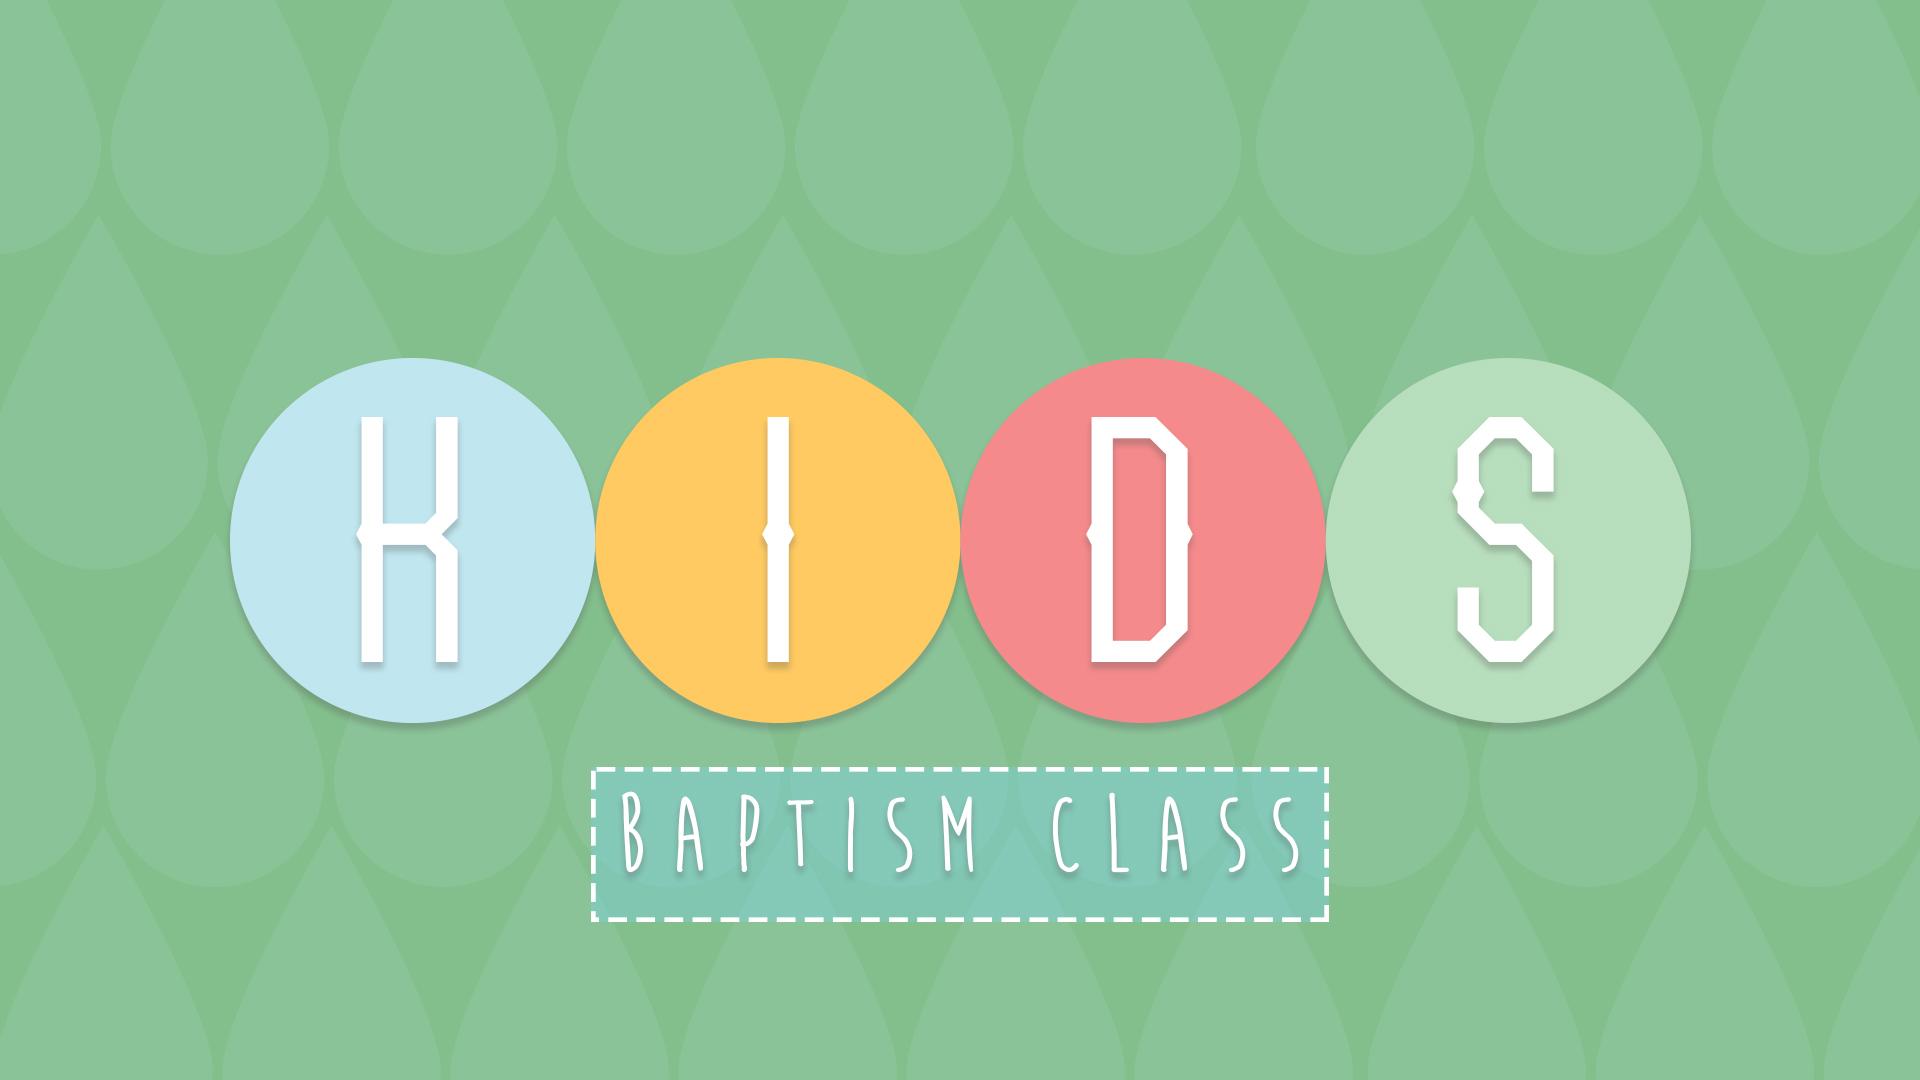 Baptism class rectangle